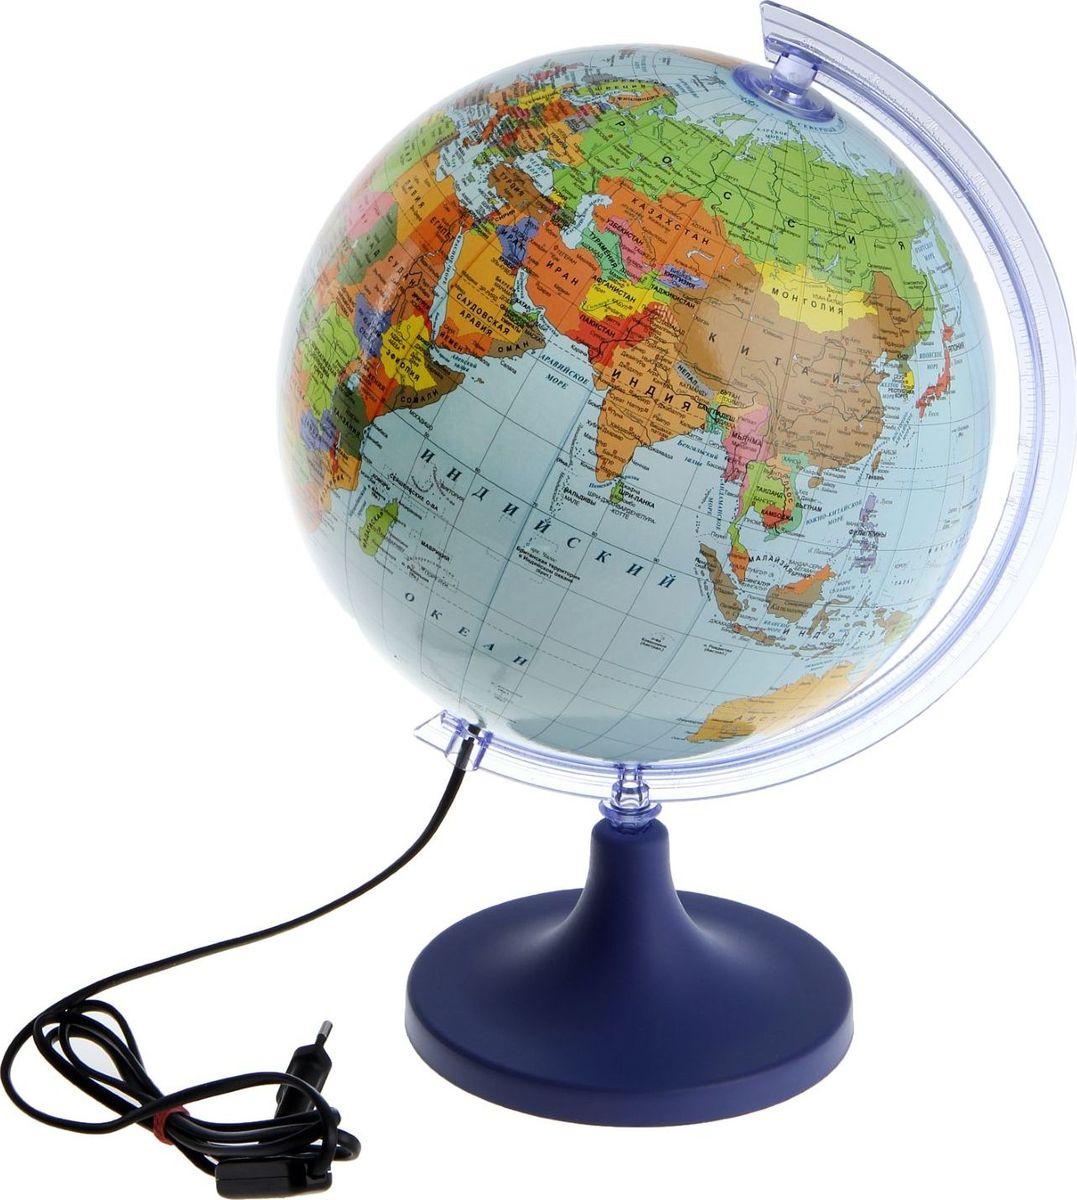 Glowala Глобус политический с подсветкой диаметр 25 смFS-00897Глобус для всех, глобус каждому!Глобус — самый простой способ привить ребенку любовь к географии. Он является отличным наглядным примером, который способен в игровой доступной и понятной форме объяснить понятия о планете Земля.Также интерес к глобусам проявляют не только детки, но и взрослые. Для многих уменьшенная копия планеты заменяет атлас мира из-за своей доступности и универсальности.Умный подарок! Кому принято дарить глобусы? Всем! Глобус политический диаметр 250мм, с подсветкой — это уменьшенная копия земного шара, в которой каждый найдет для себя что-то свое.путешественники и заядлые туристы смогут отмечать с помощью стикеров те места, в которых побывали или собираются их посетитьделовые и успешные люди оценят такой подарок по достоинству, потому что глобус ассоциируется со статусом и властьюпреподаватели, ученые, студенты или просто неординарные личности также найдут для глобуса достойное место в своем доме.Итак, спешите заказать настольные глобусы в нашем интернет-магазине по привлекательным ценам, и помните, кто владеет глобусом, тот владеет миром!